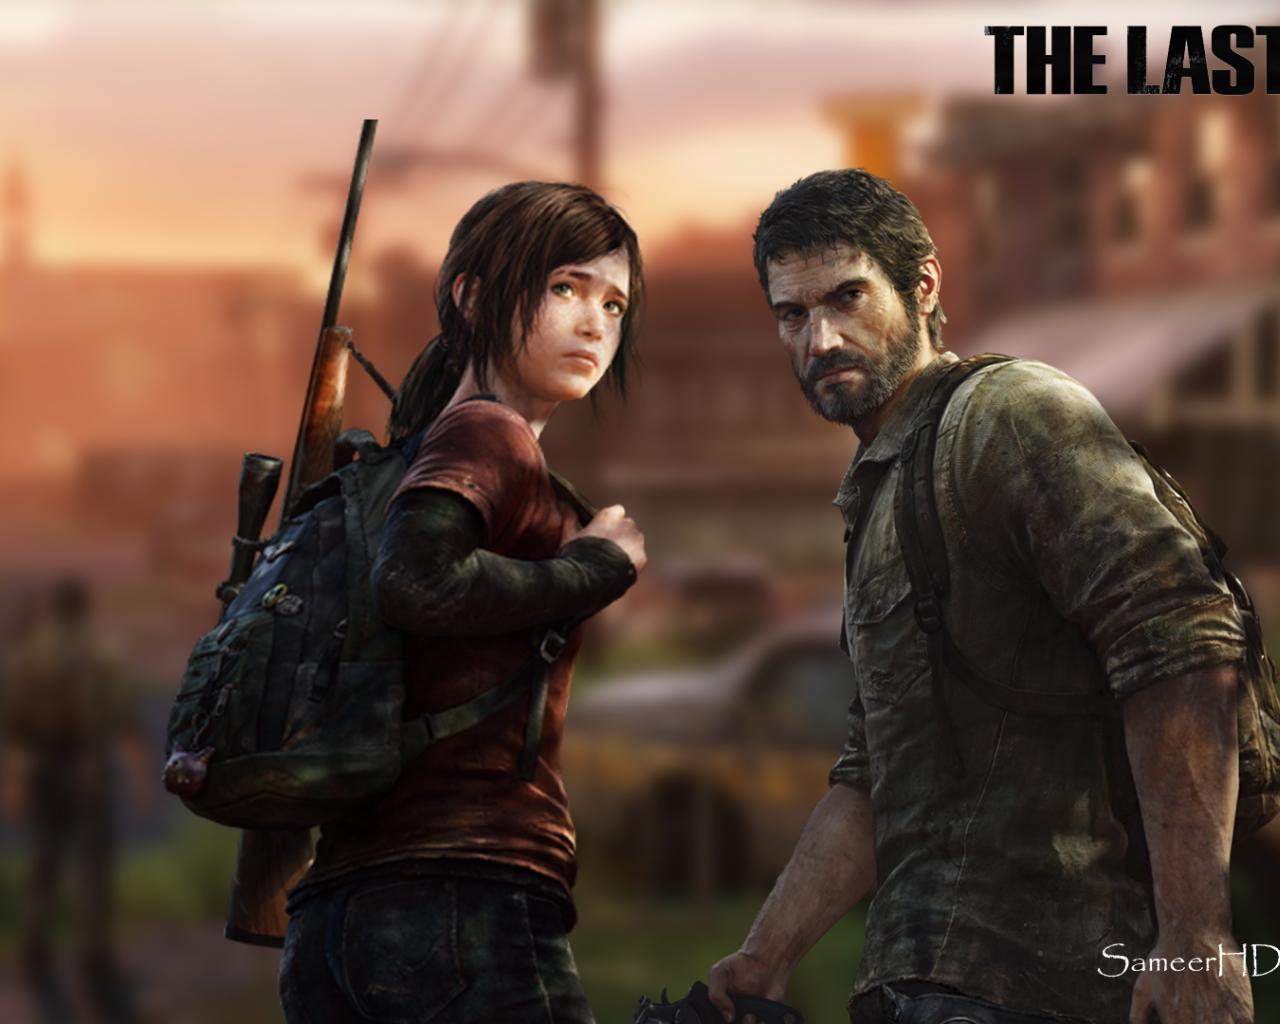 Free Download The Last Of Us Joel And Ellie Wallpaper By Sameerhd